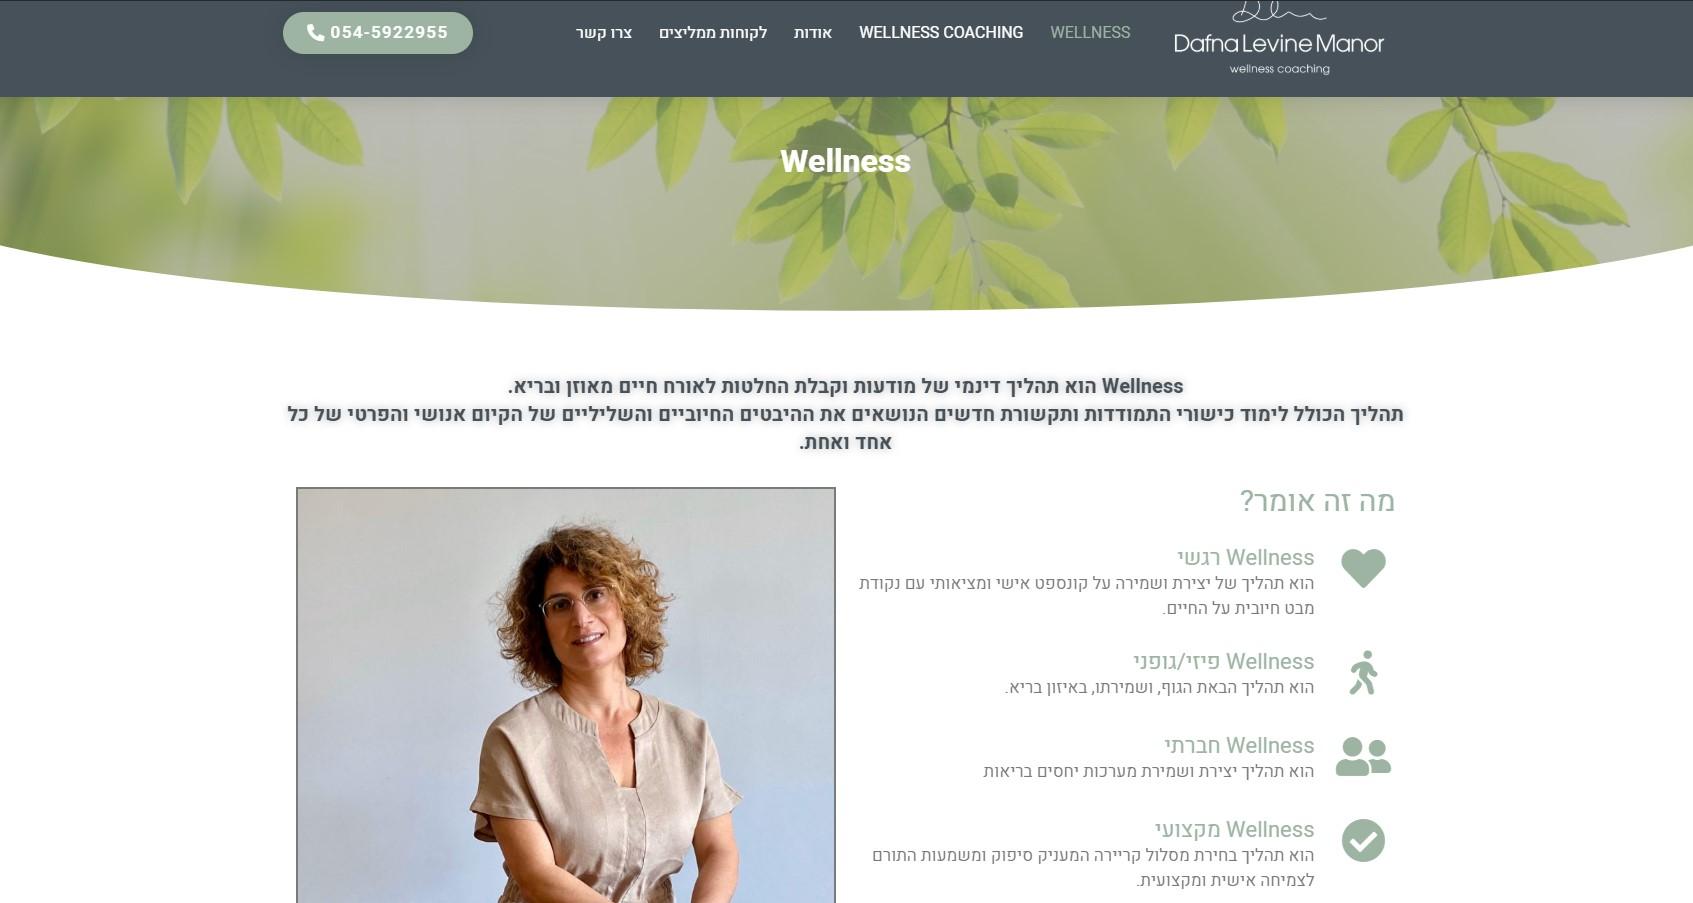 בניית אתר למאמנת Wellness